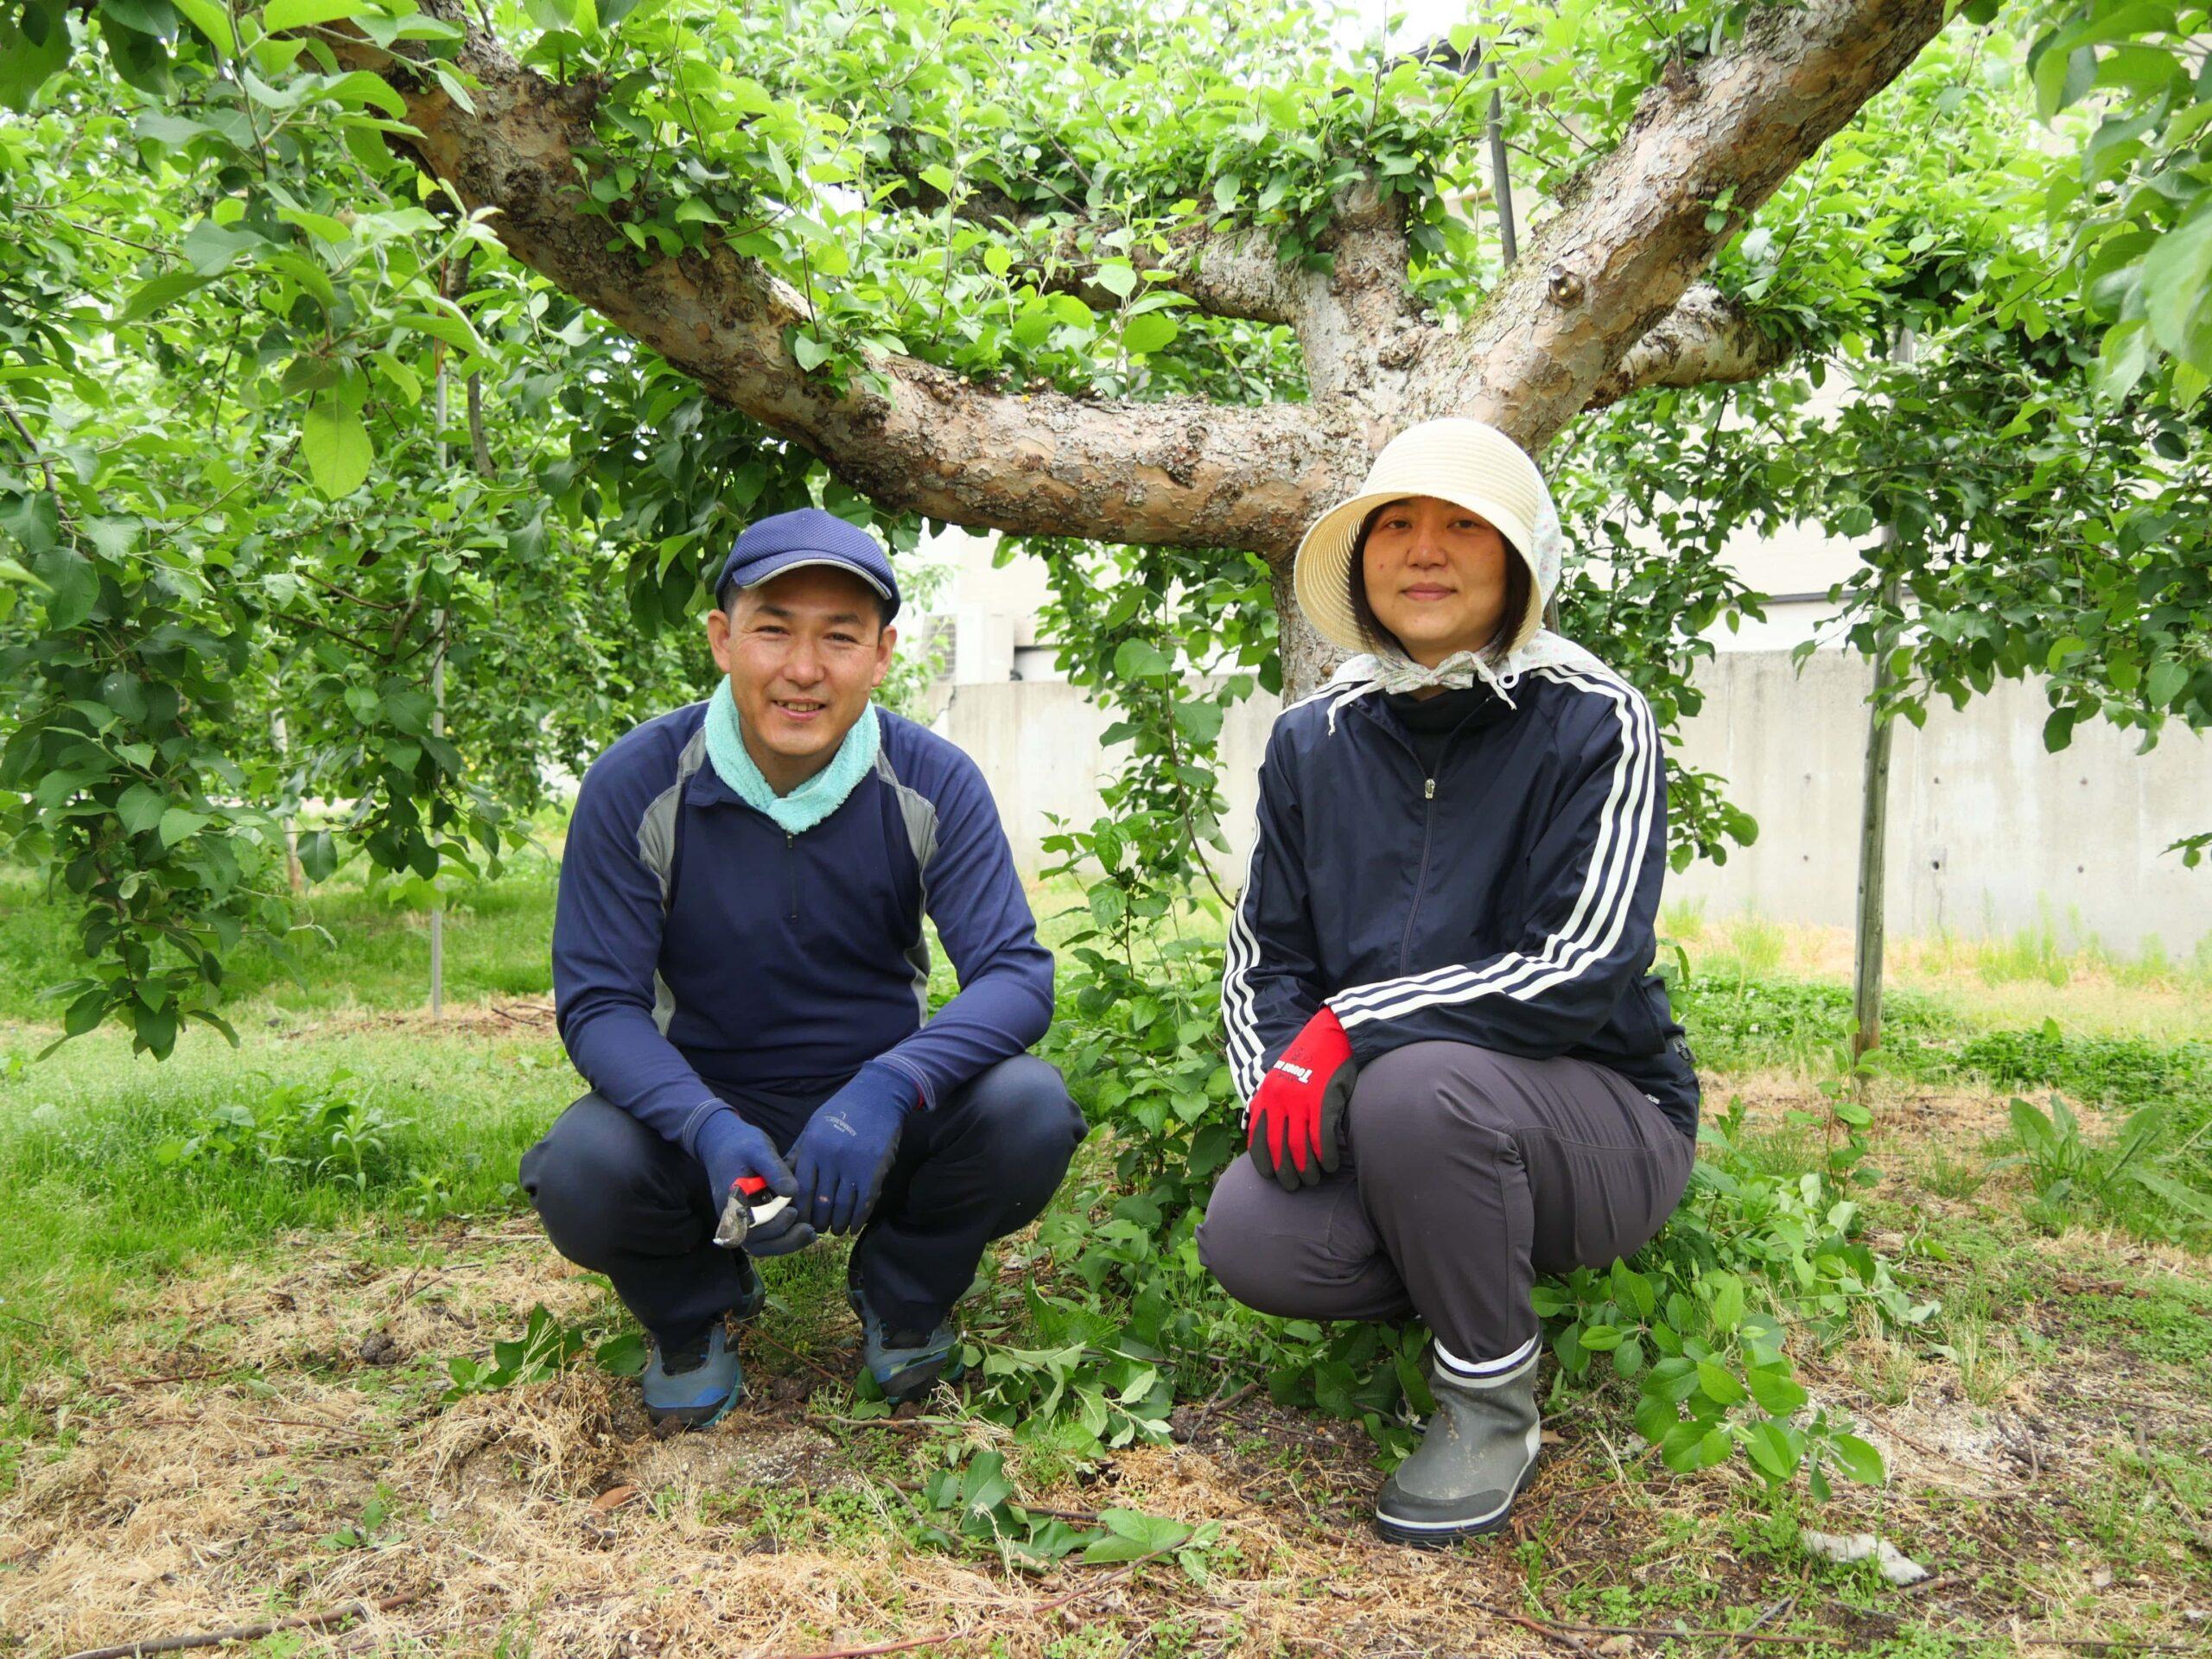 「移住前は、周りに受け入れてもらえるかどうかが一番心配でした」〜福島市移住者インタビューVol.2 菊地俊作さん・由美さん